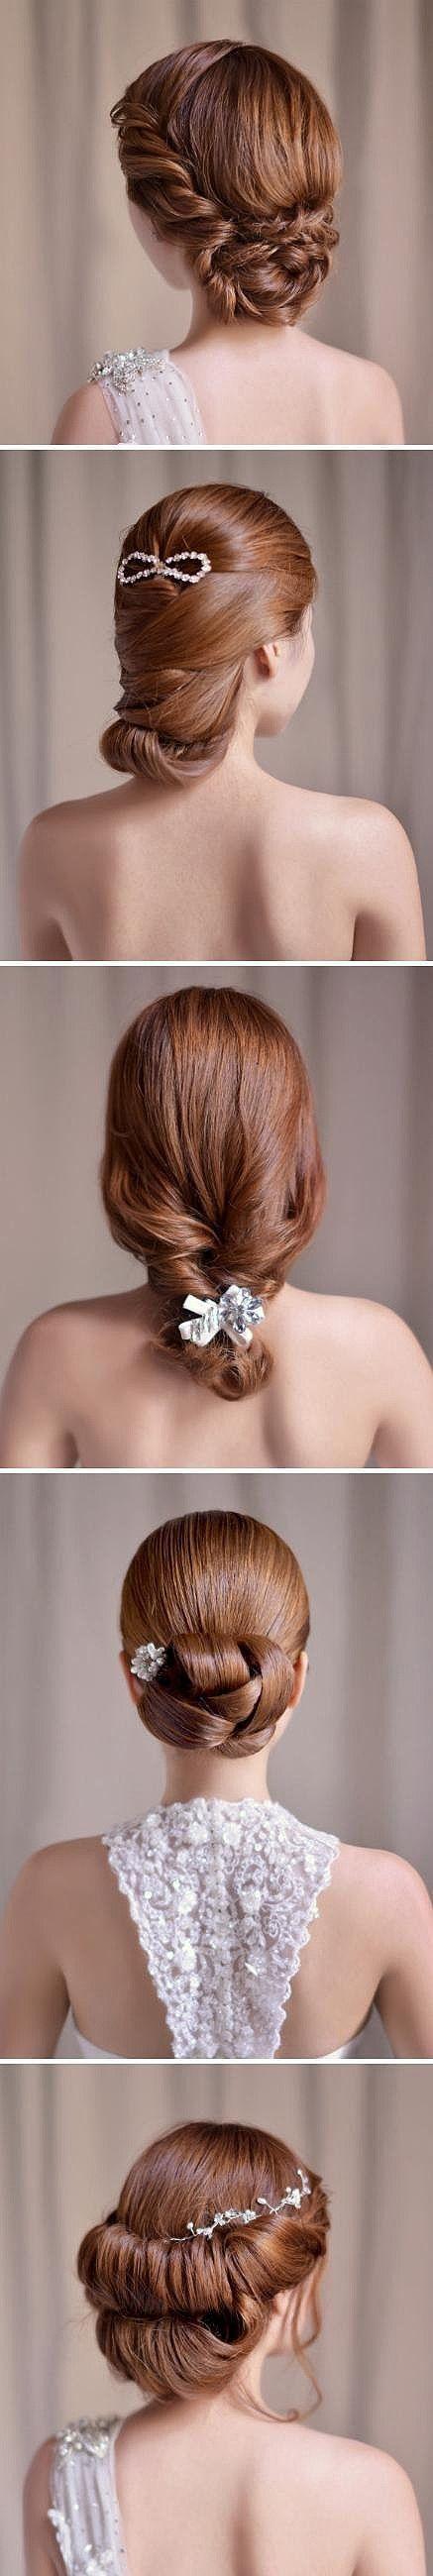 styles de coiffures que vous pouvez adapter pour vos soirées